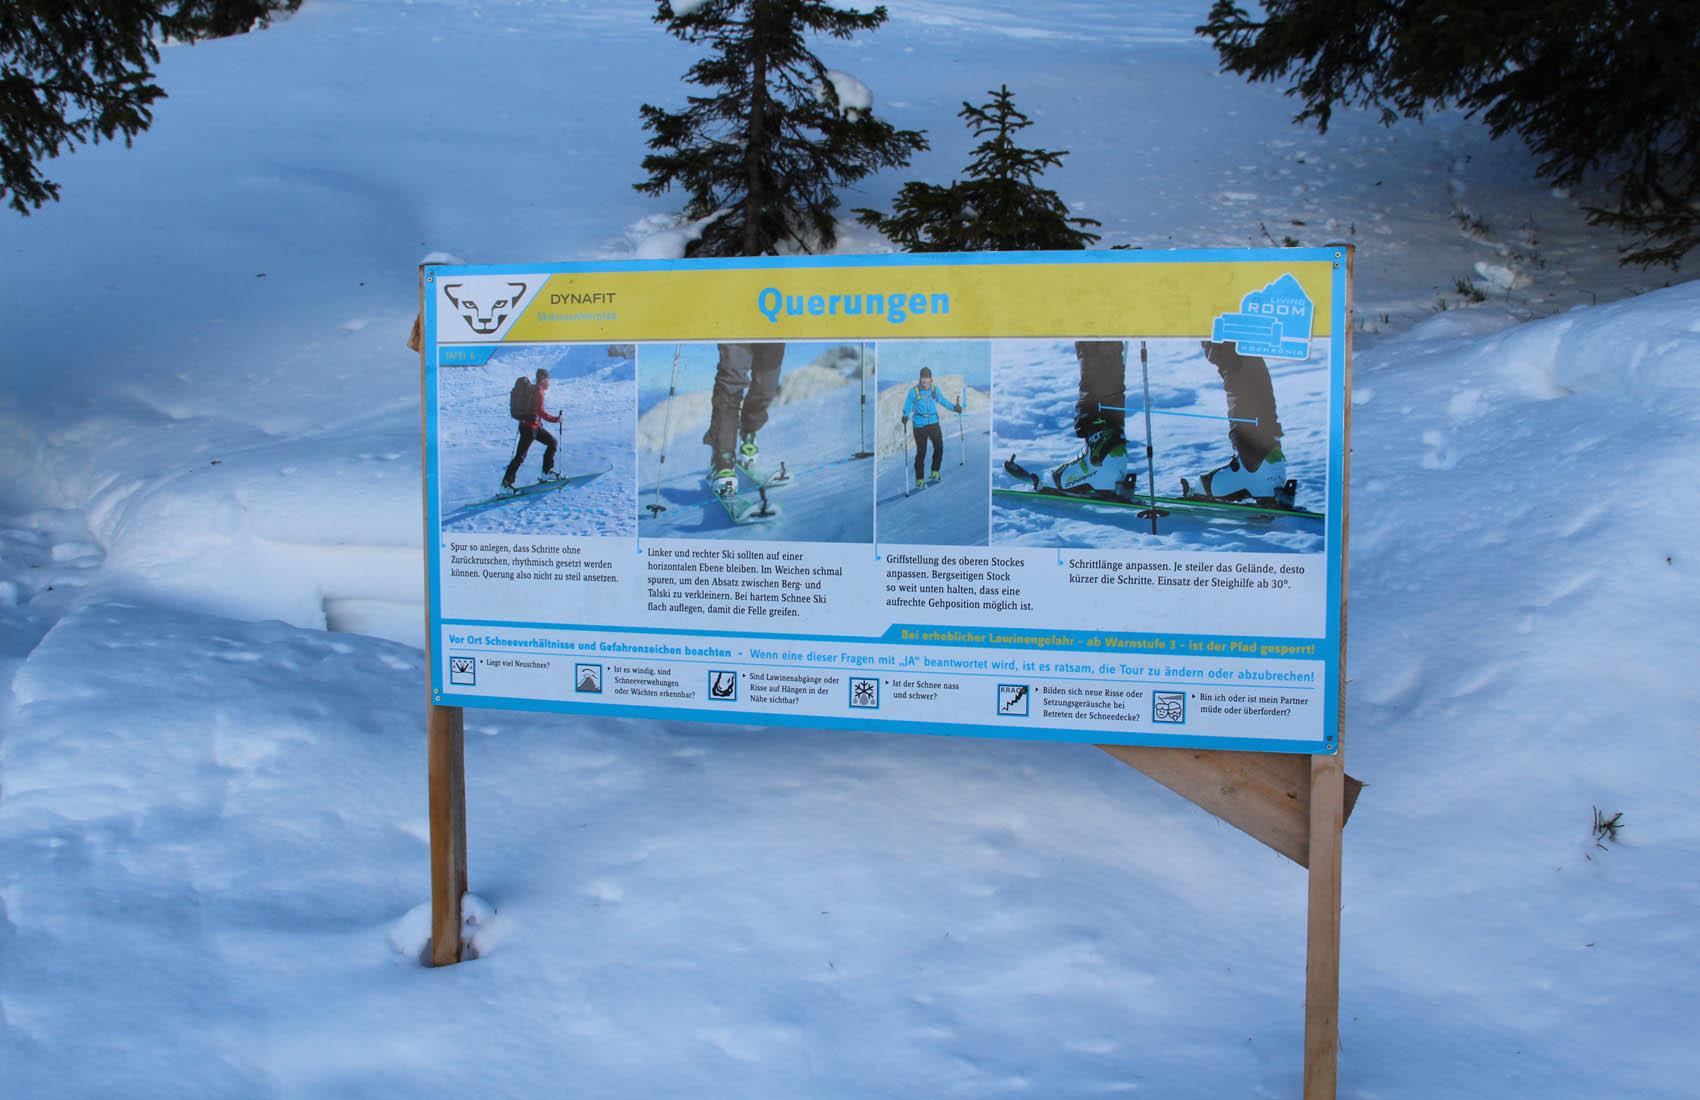 Skitourenlehrpfade helfen auch Anfängern dieser Sportart (Foto: Maria Riedler)